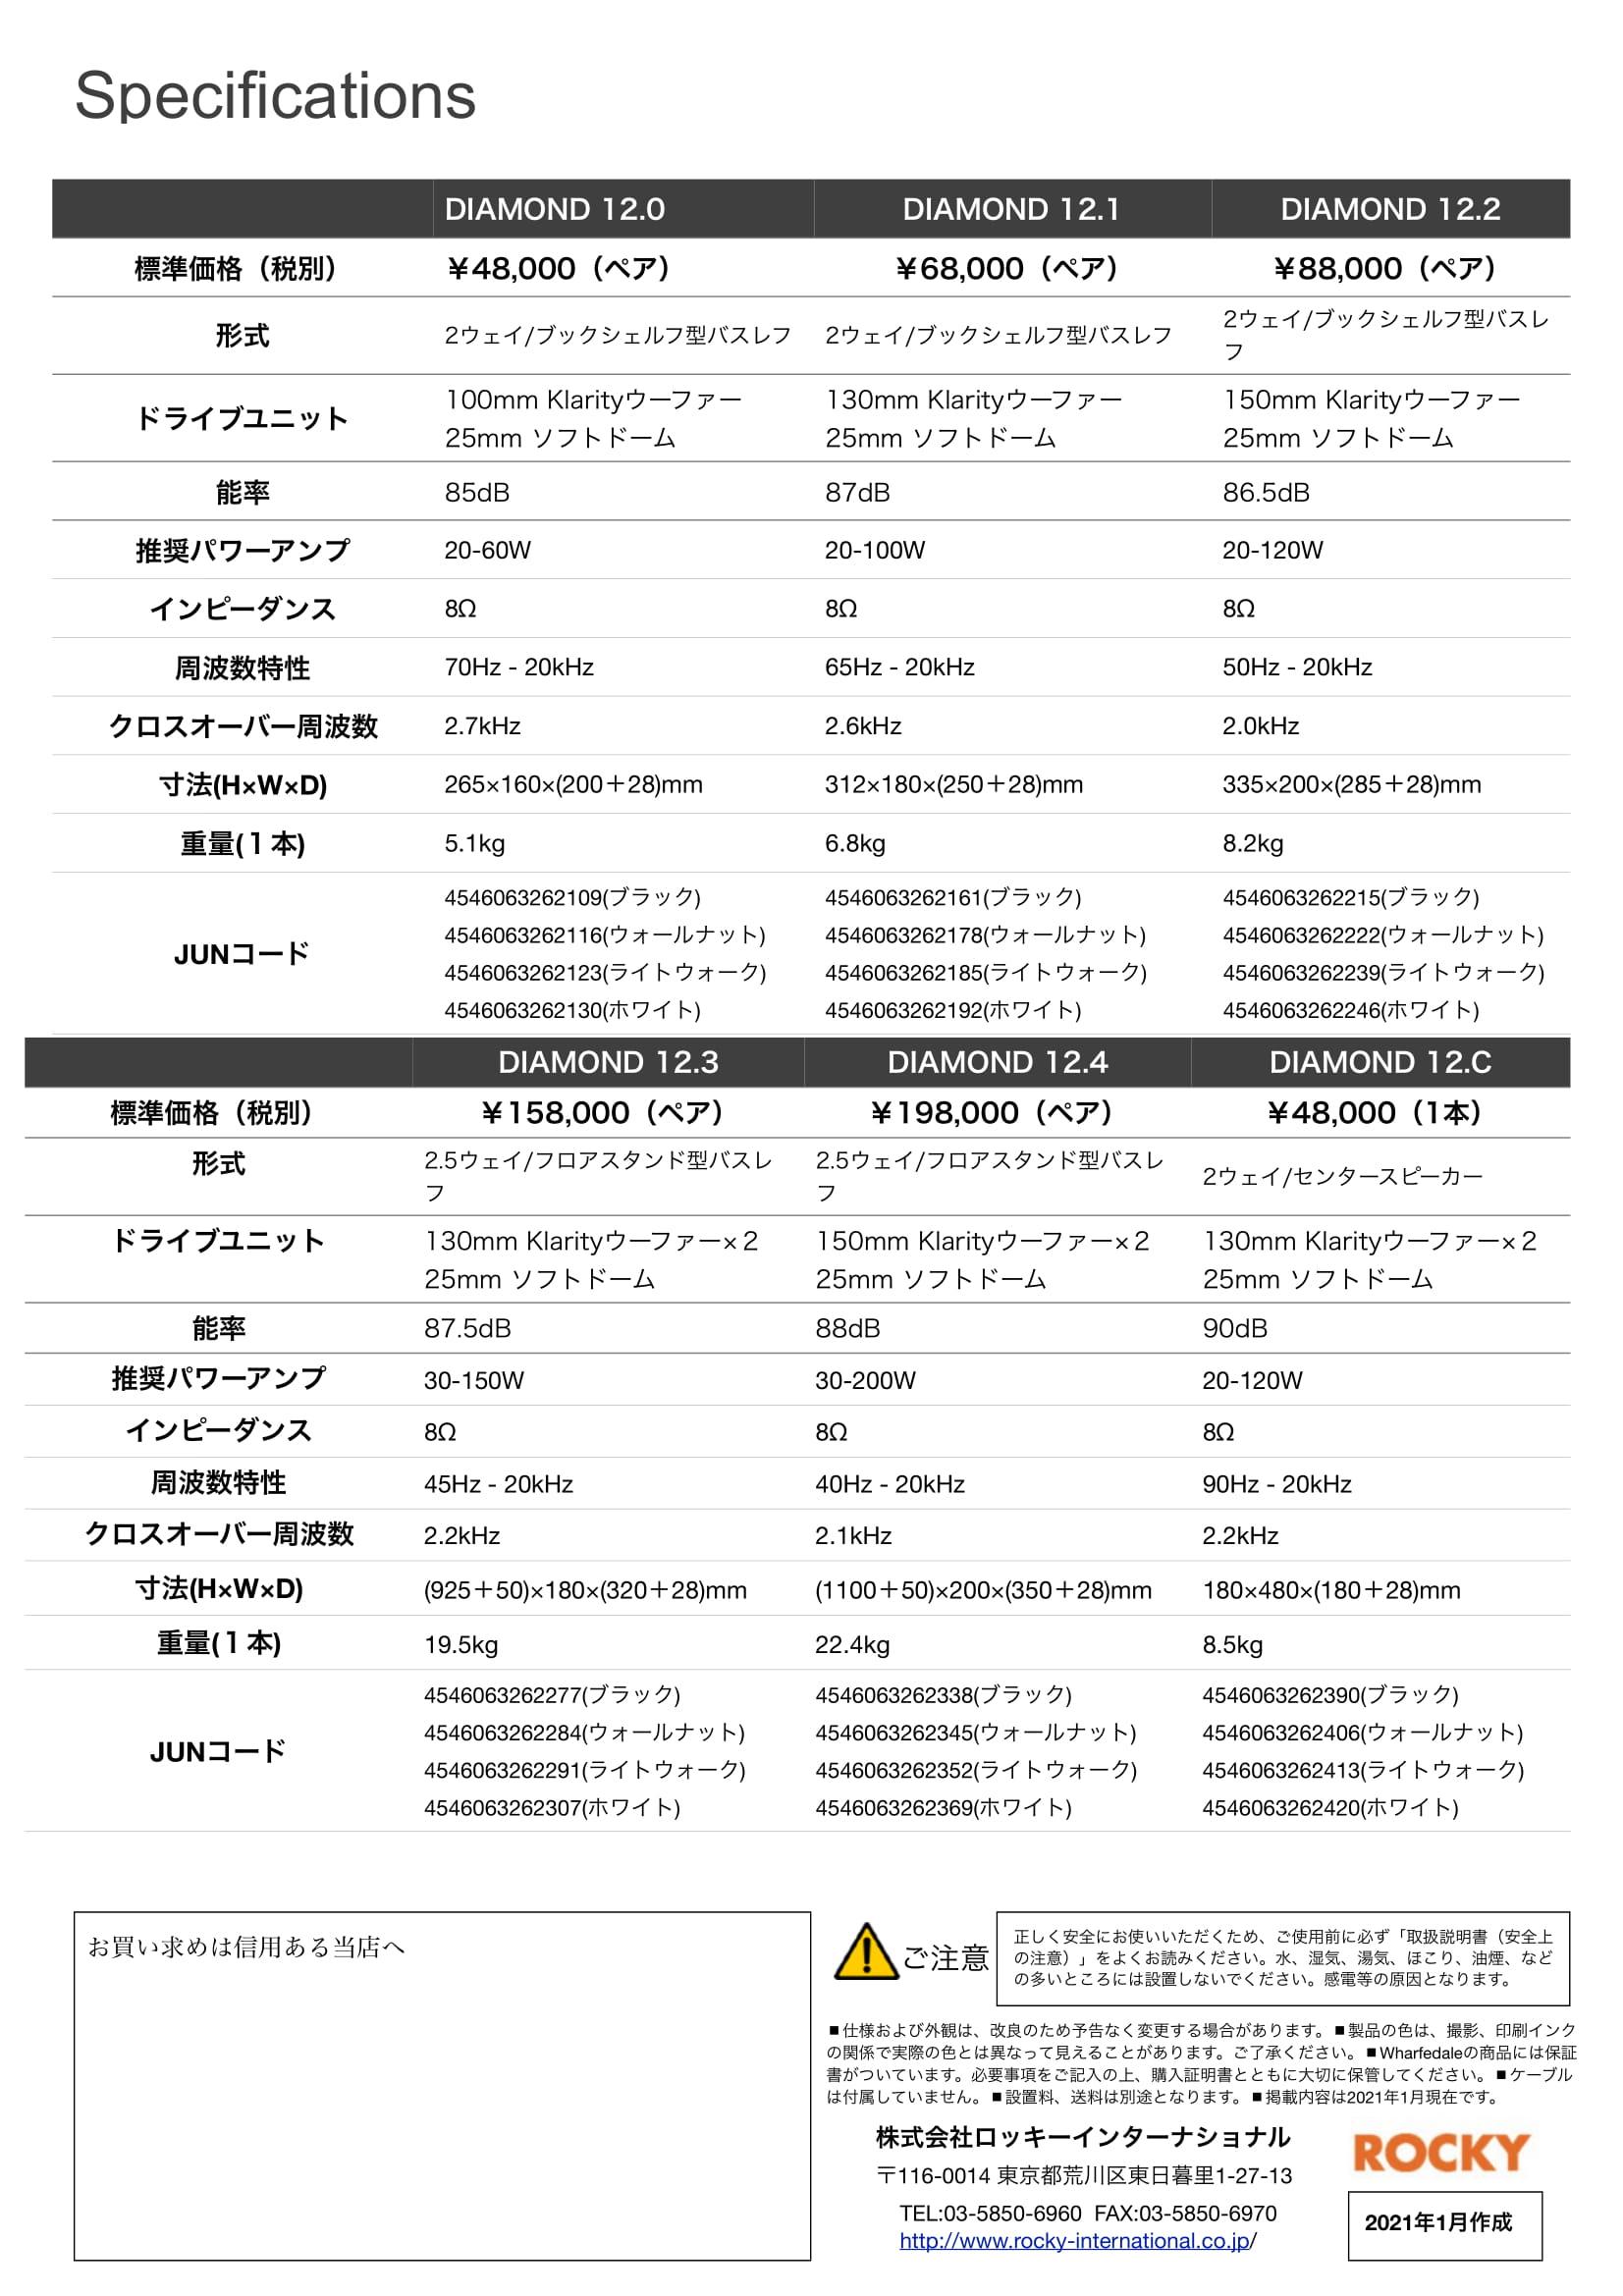 Diamond12カタログ(最新)(1ページ〜4ページ) のコピー (1)-4